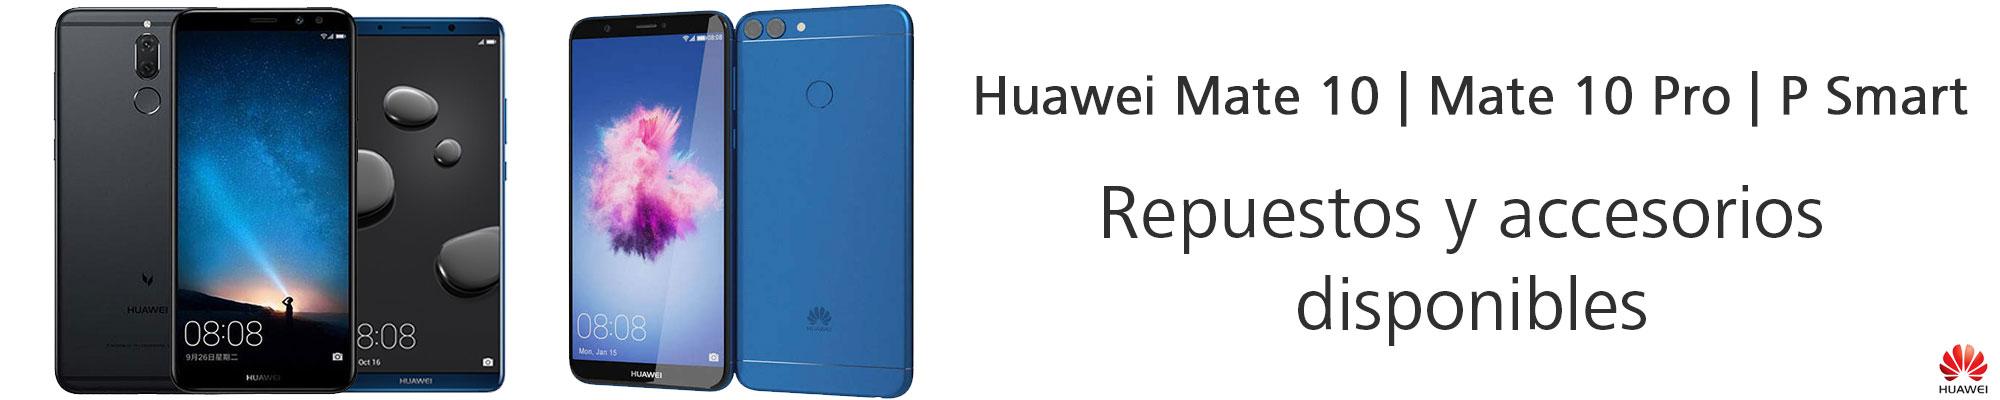 Nuevos repuestos y accesorios disponibles para Huawei Mate 10, Mate 10 Pro and P Smart